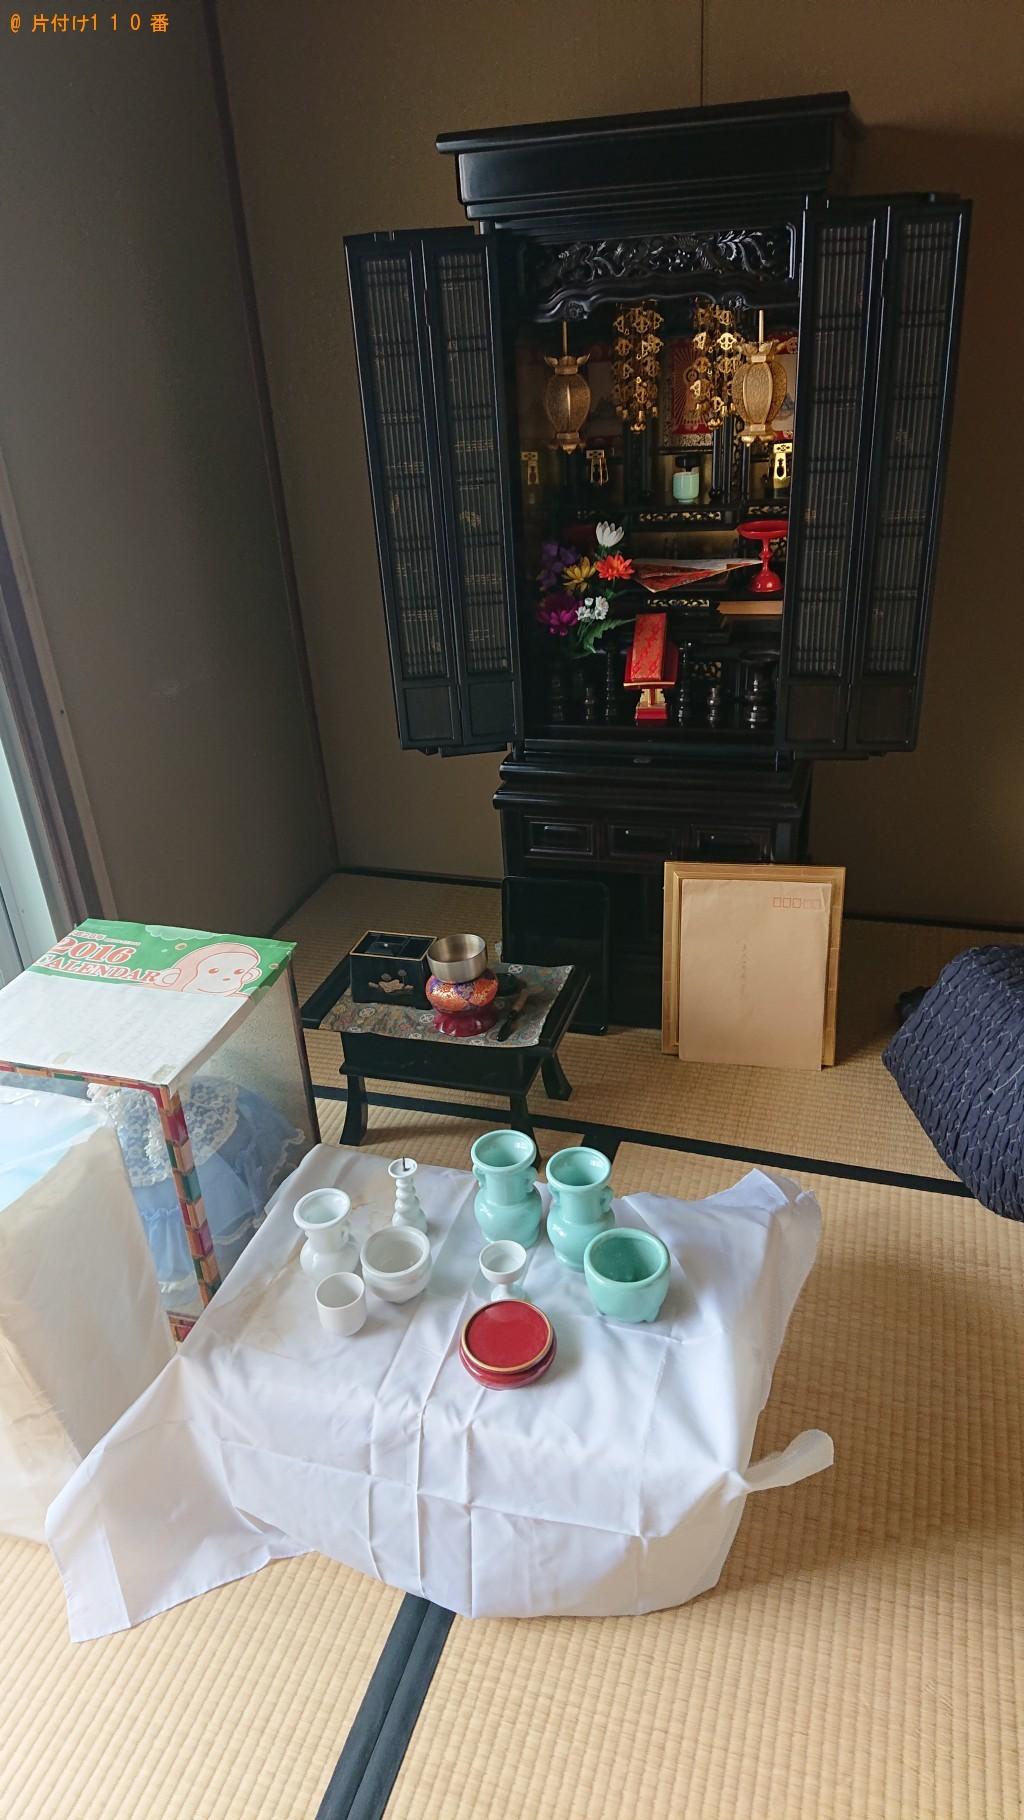 【茨木市】仏壇の回収・処分、御霊抜きのご依頼 お客様の声